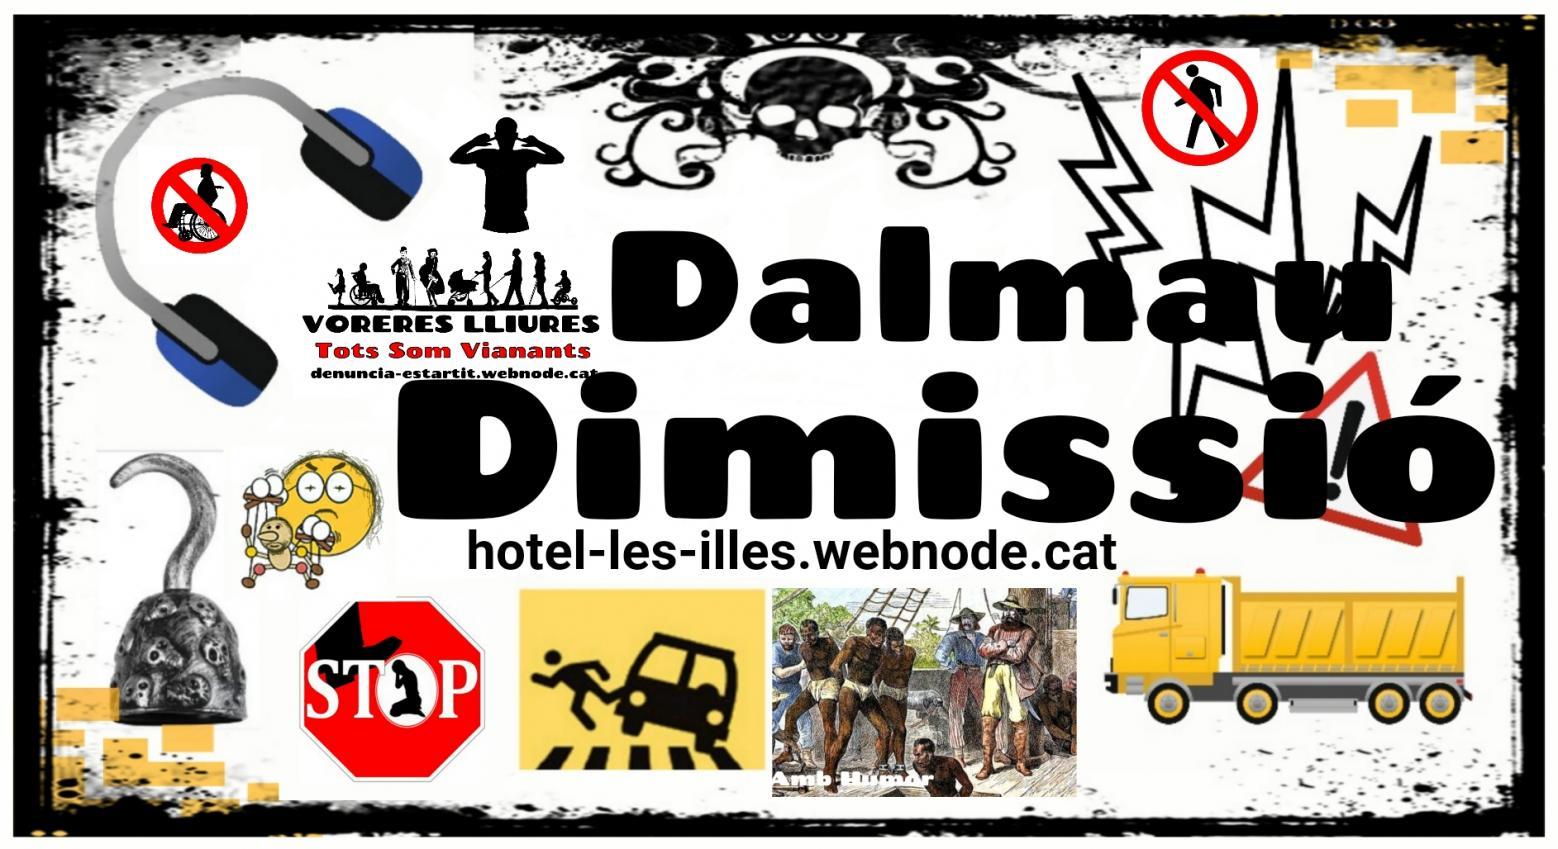 Hotel les illes estartit genis dalmau